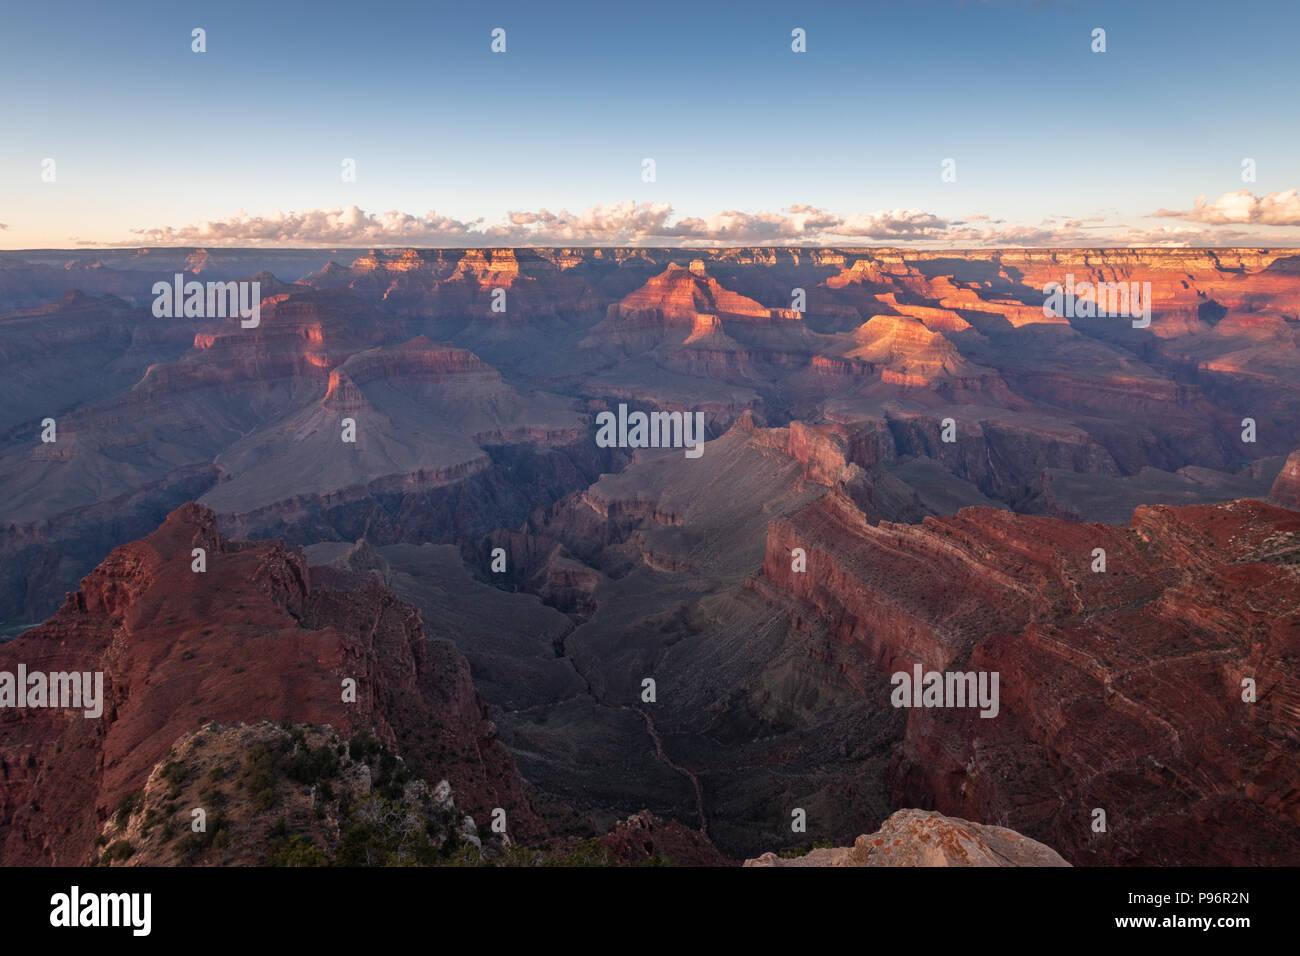 Coucher de soleil au Grand Canyon Mohave Point sur une soirée ensoleillée à l'automne Photo Stock